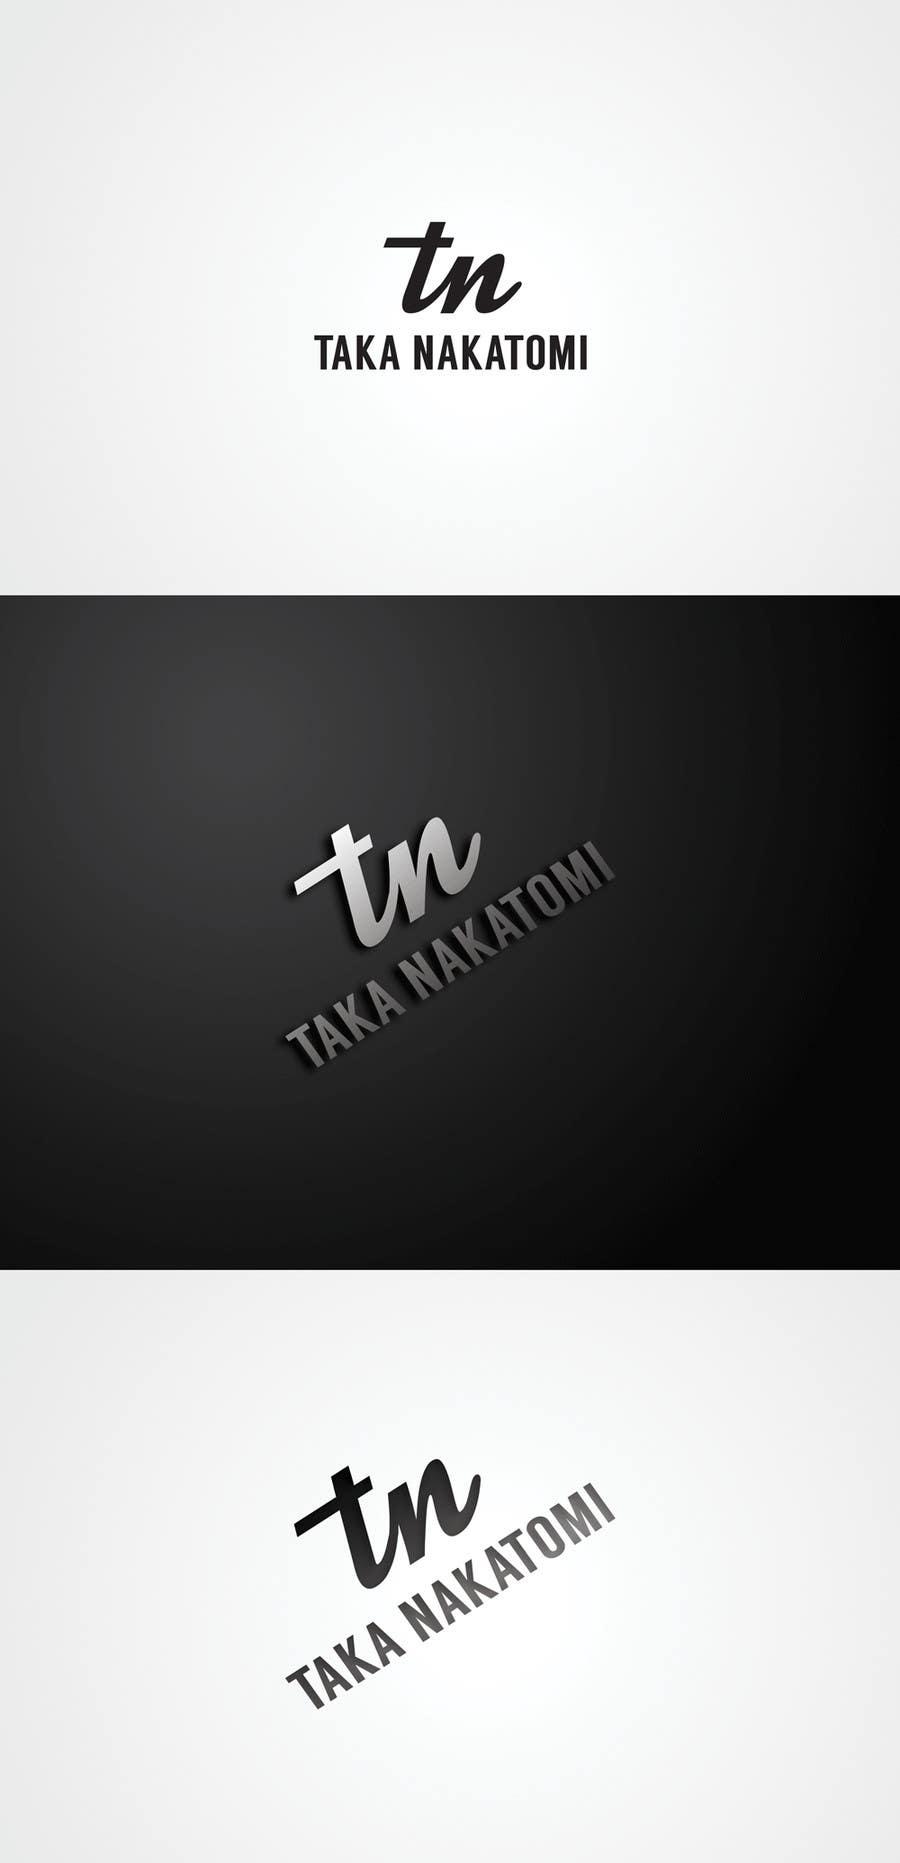 Inscrição nº 191 do Concurso para Design a Logo for Taka Nakatomi